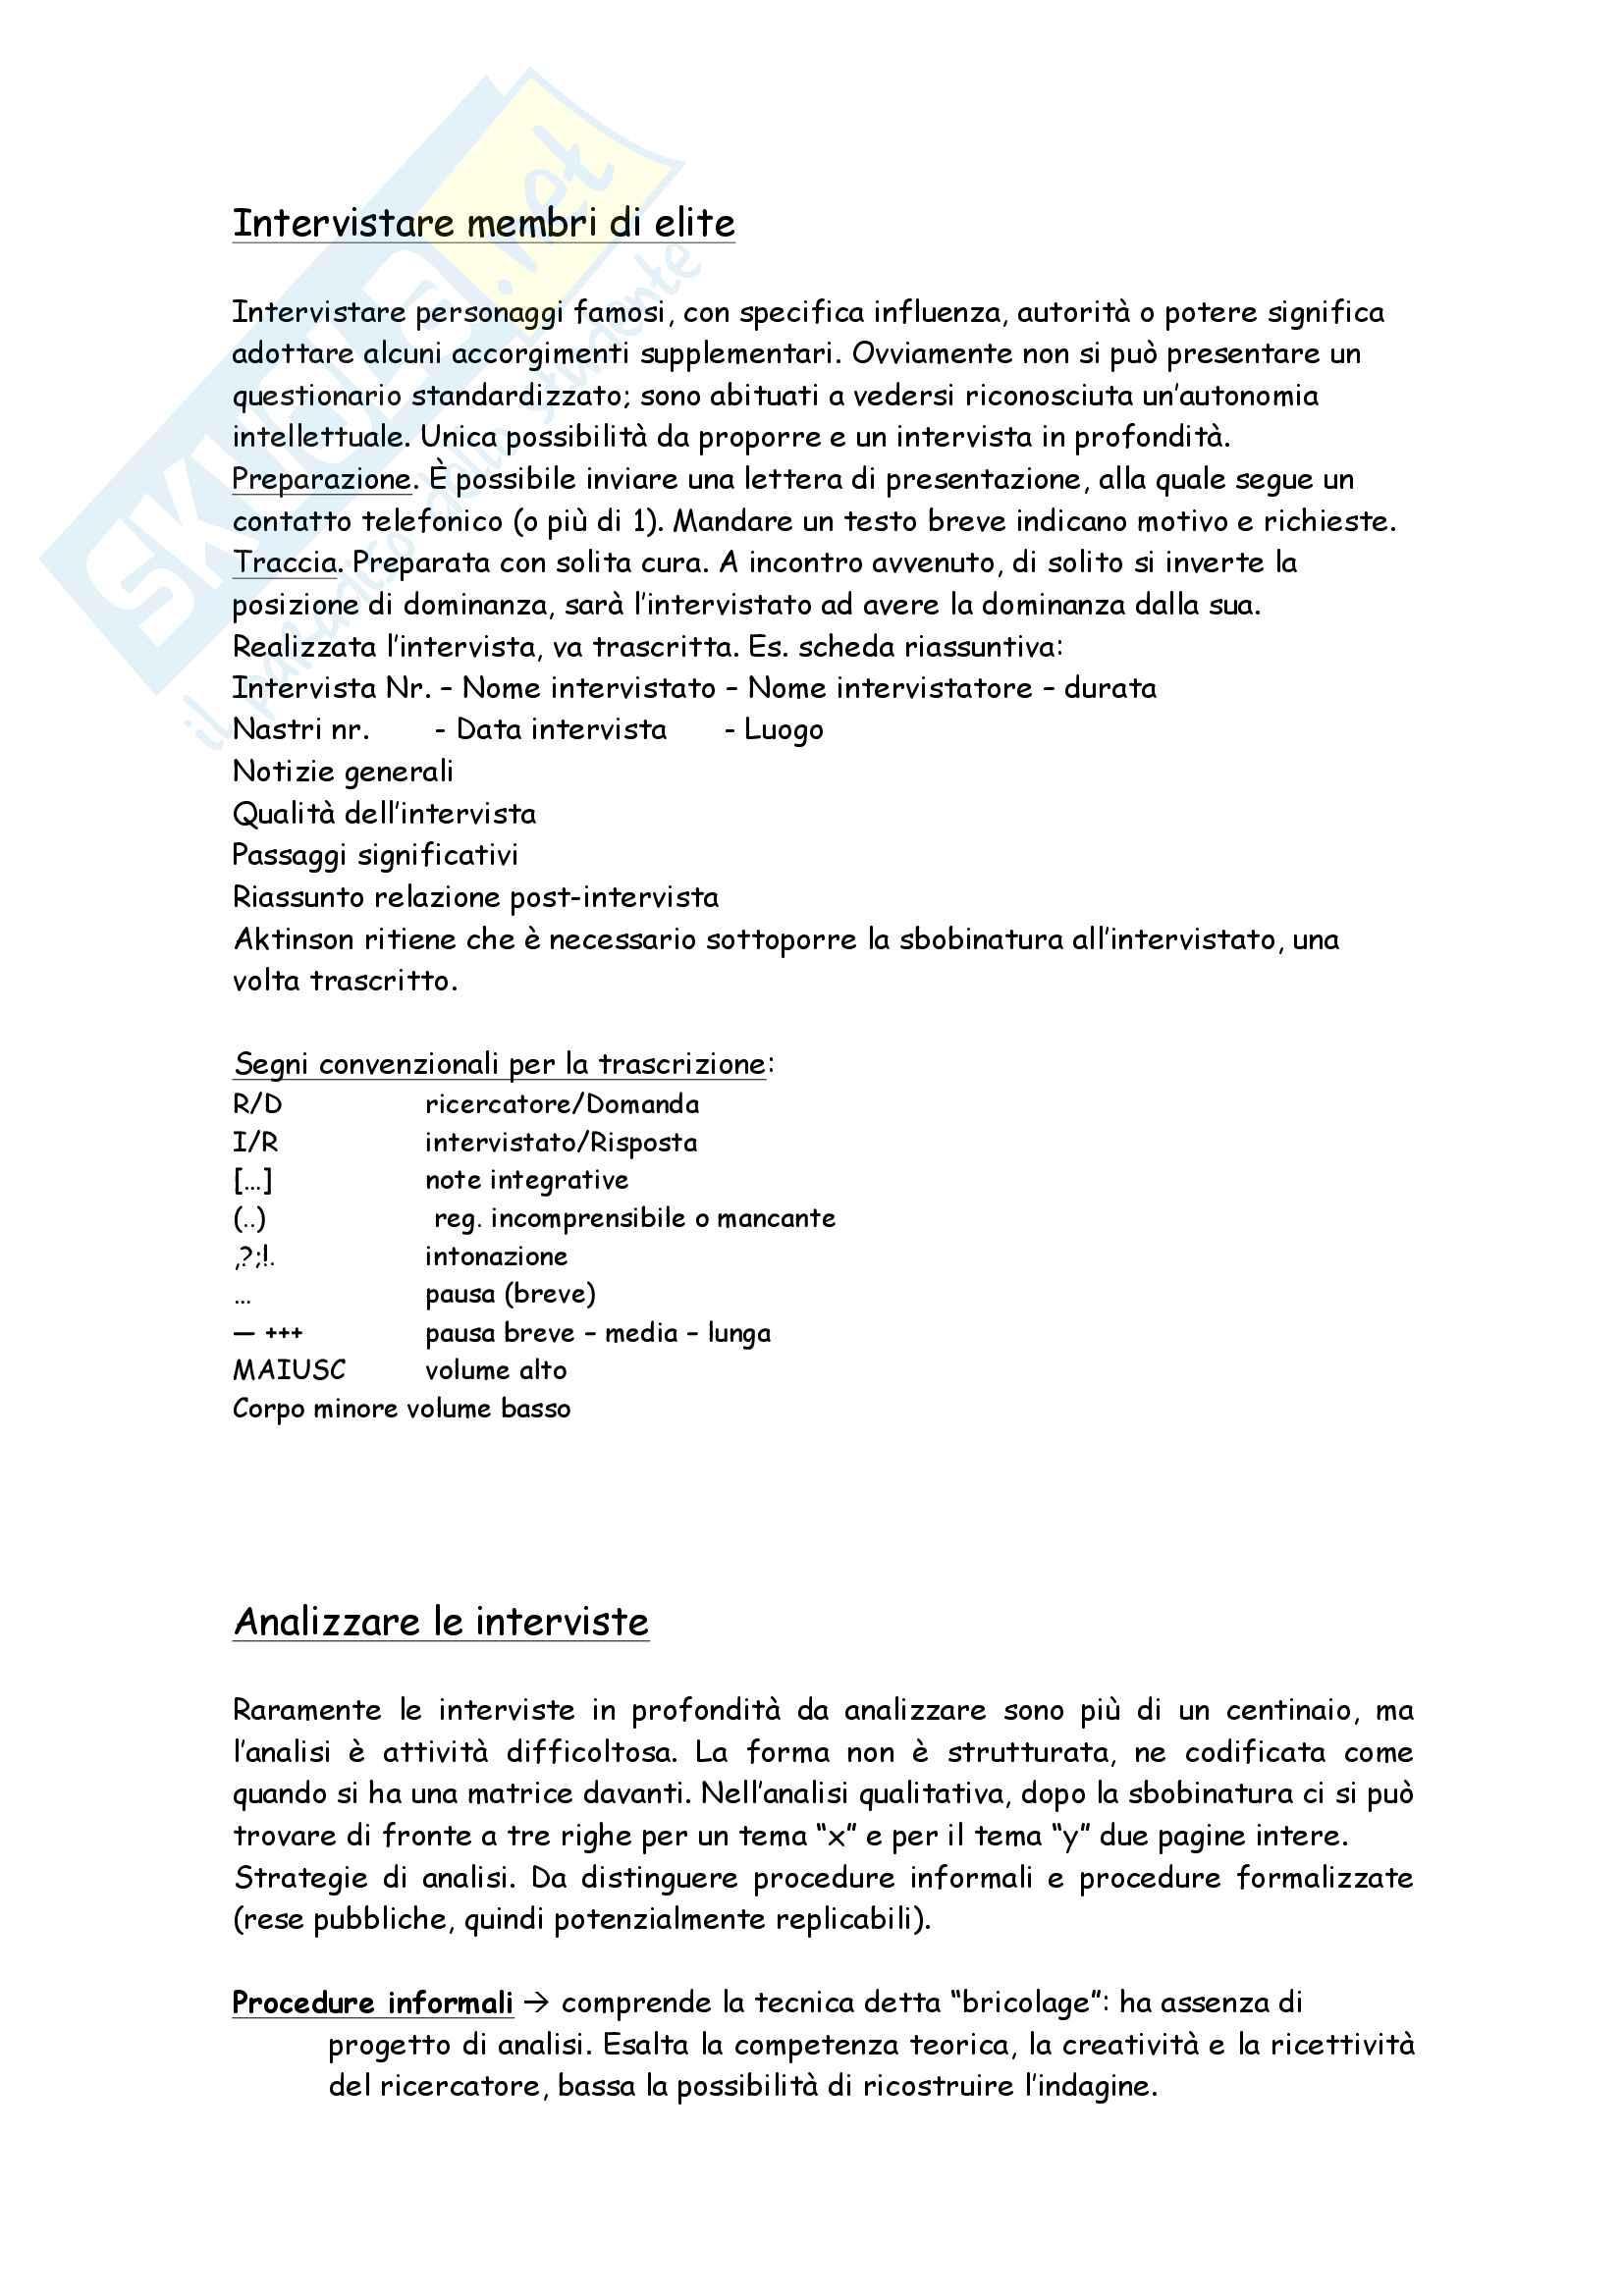 Riassunto esame Metodi e tec. dell'intervista e del questionario, docente Barni, libro consigliato  La ricerca come relazione di S. Tunisi Pag. 16